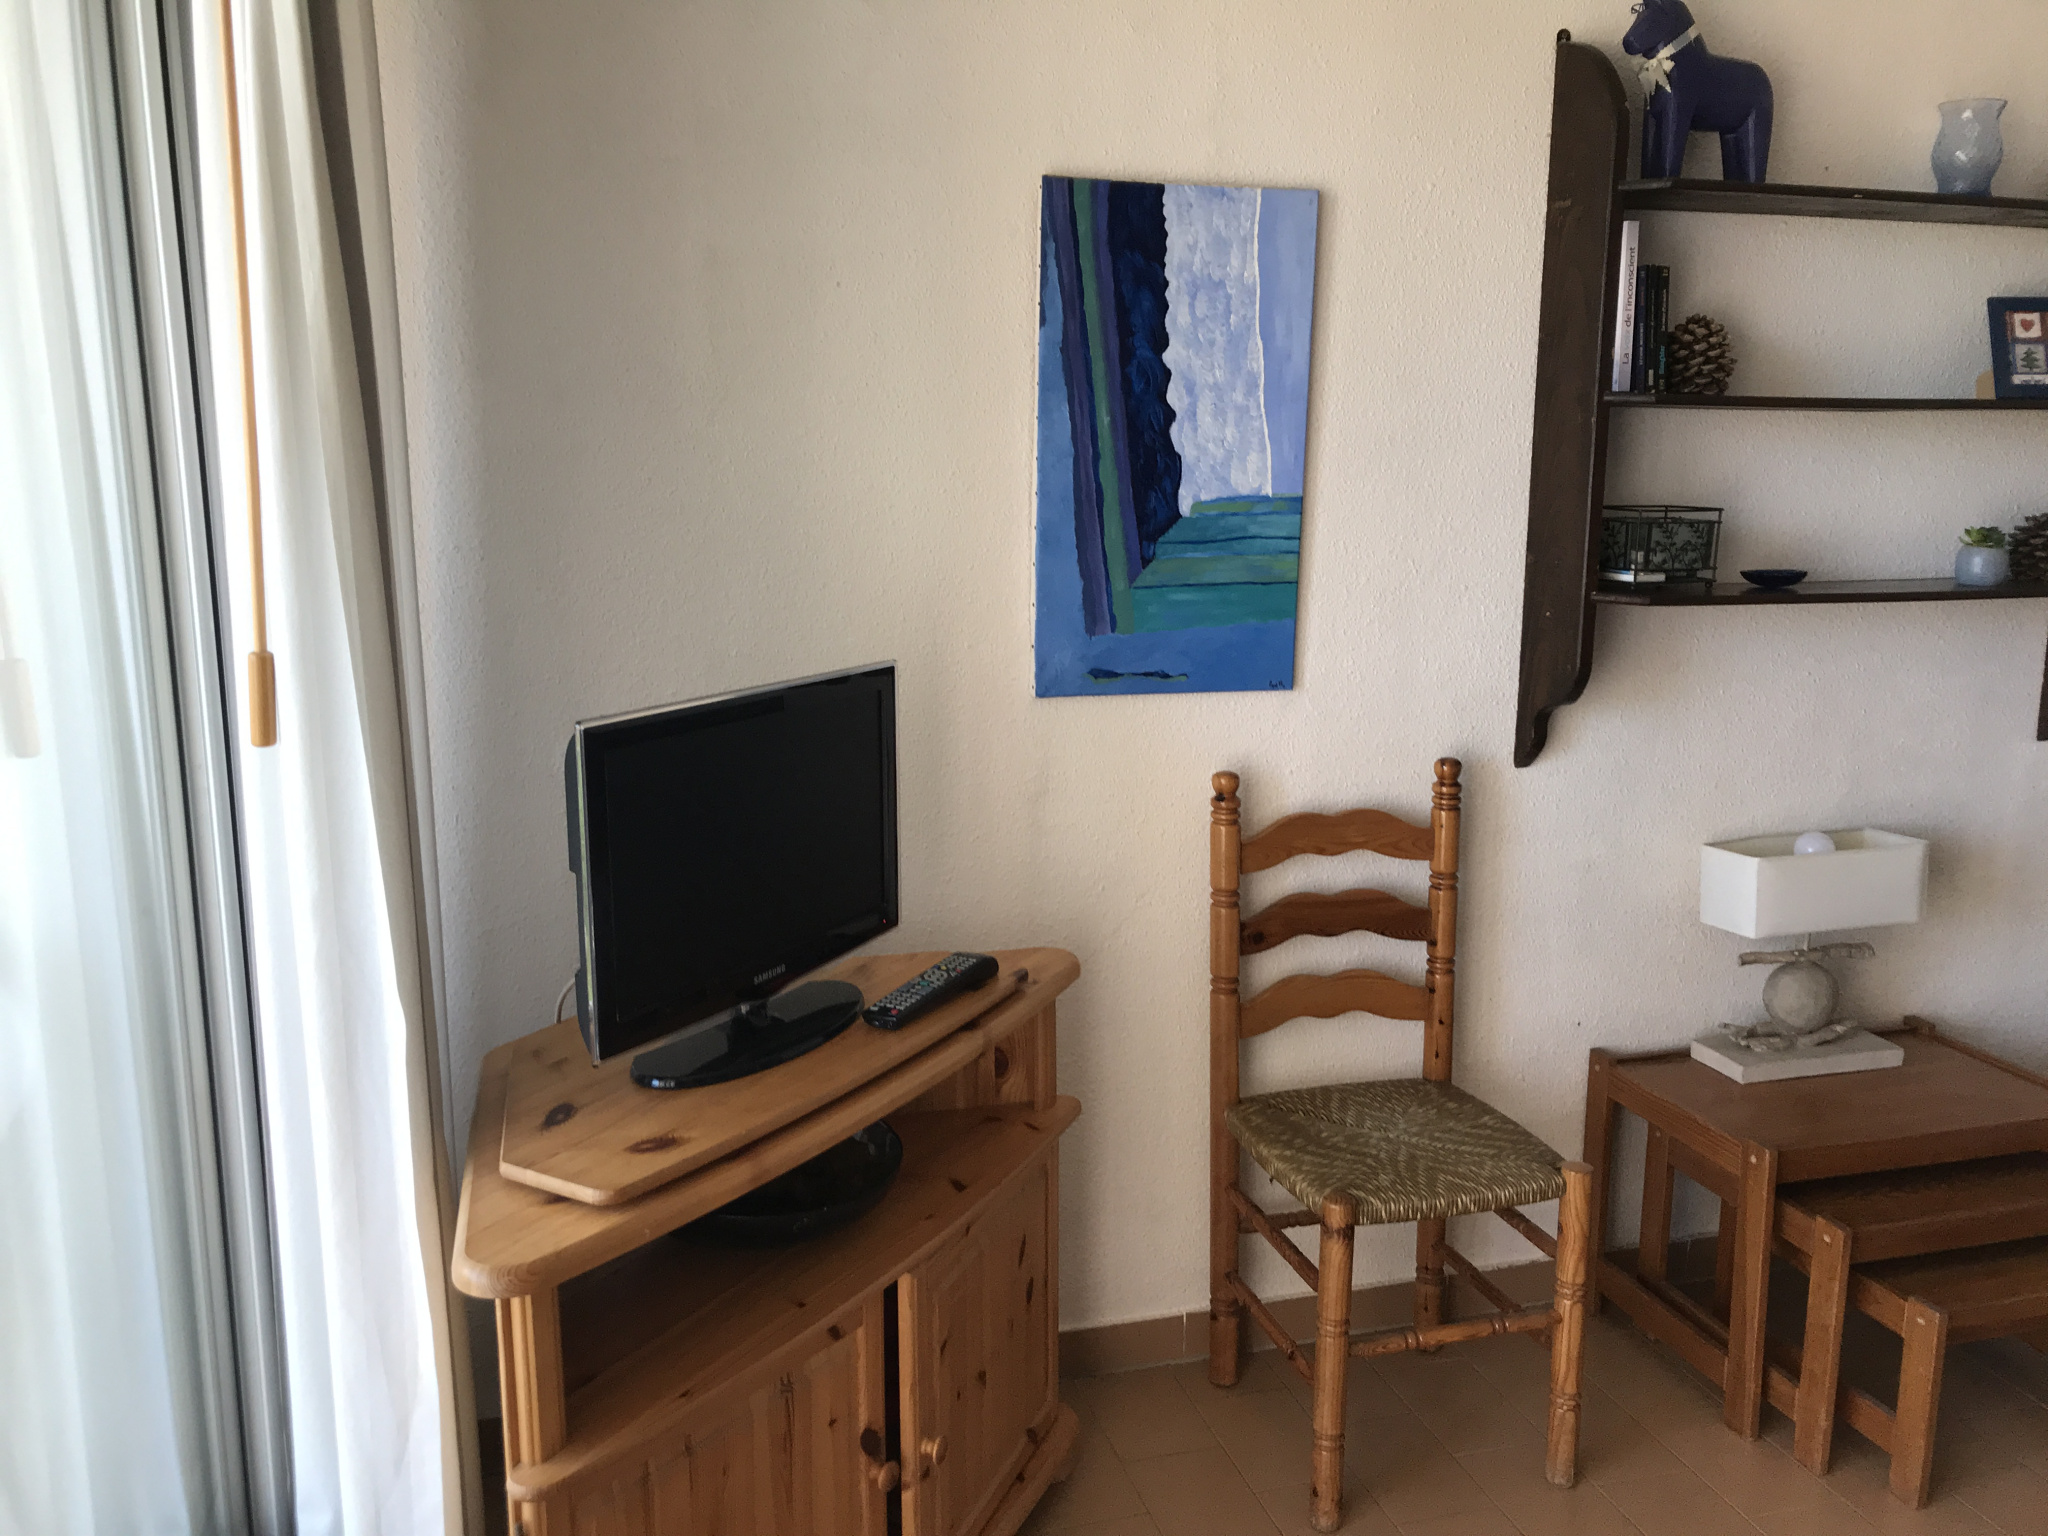 À vendre appartement de 36.46m2 à st cyprien plage (66750) - Photo 14'